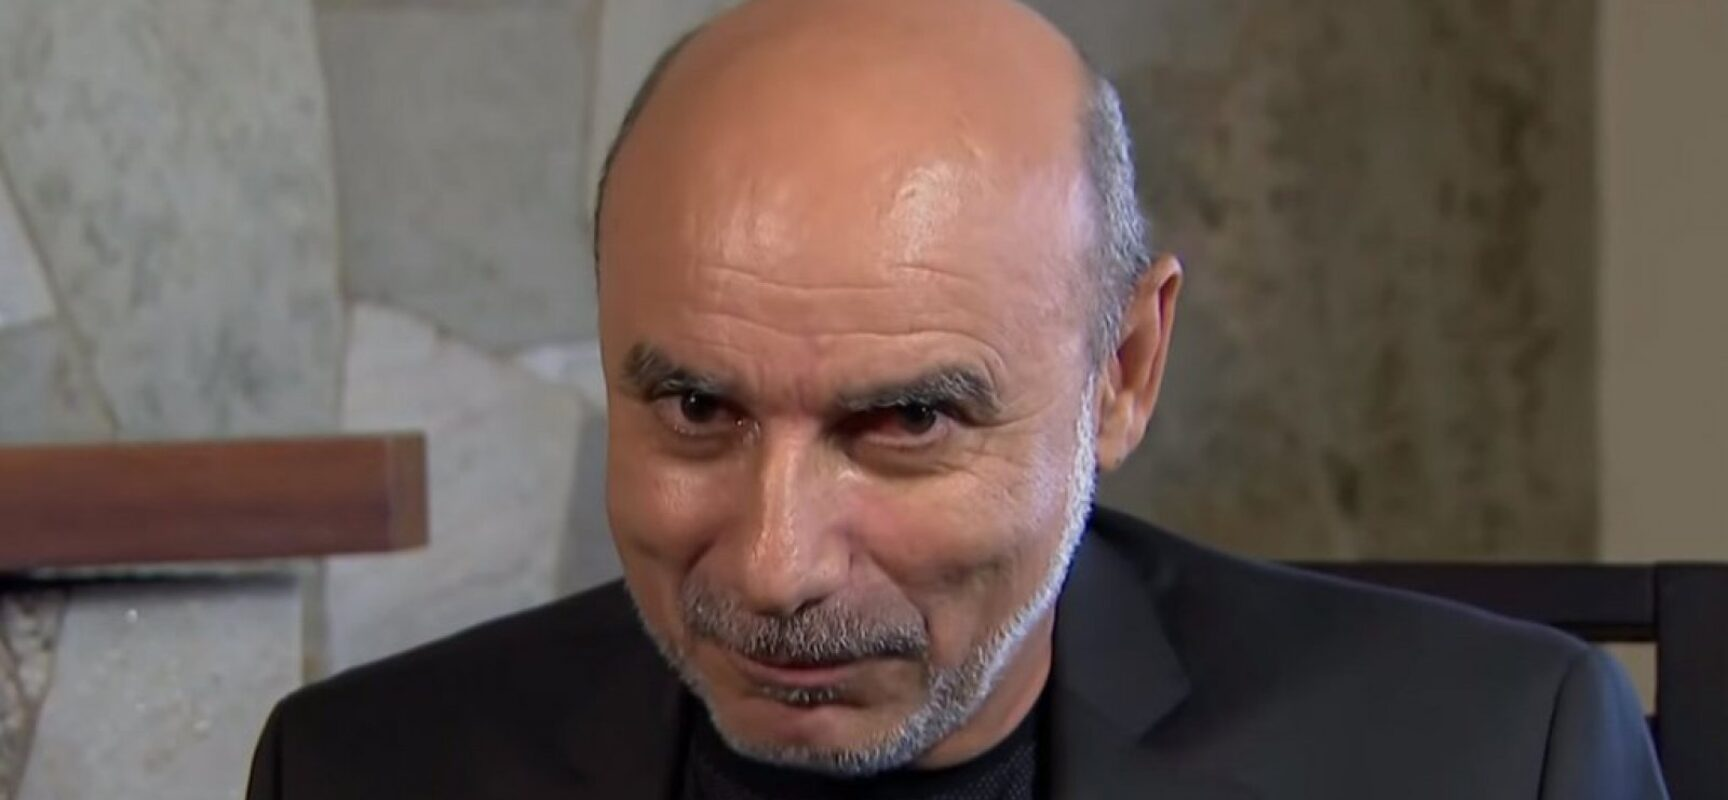 Denunciado pelo MP, Queiroz cogita candidatura a deputado federal em 2022